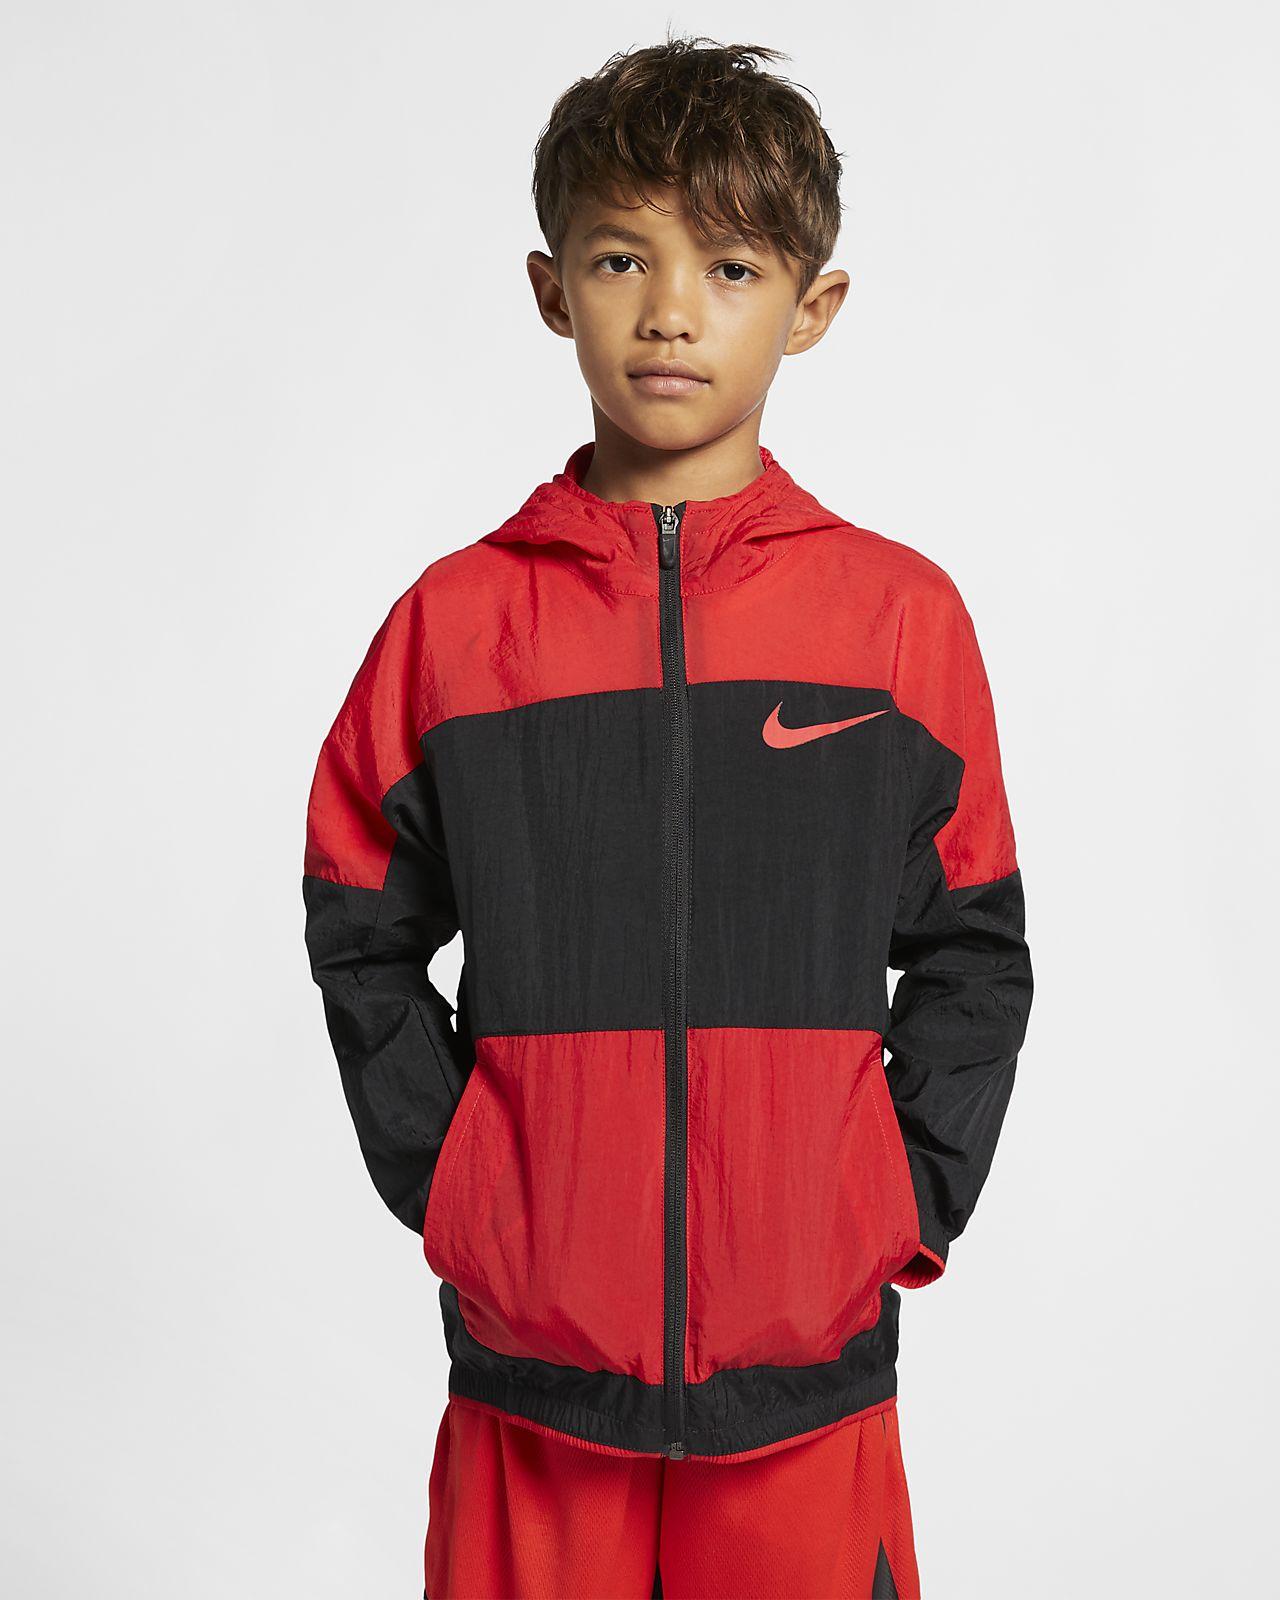 Vävd träningsjacka Nike Dri-FIT för ungdom